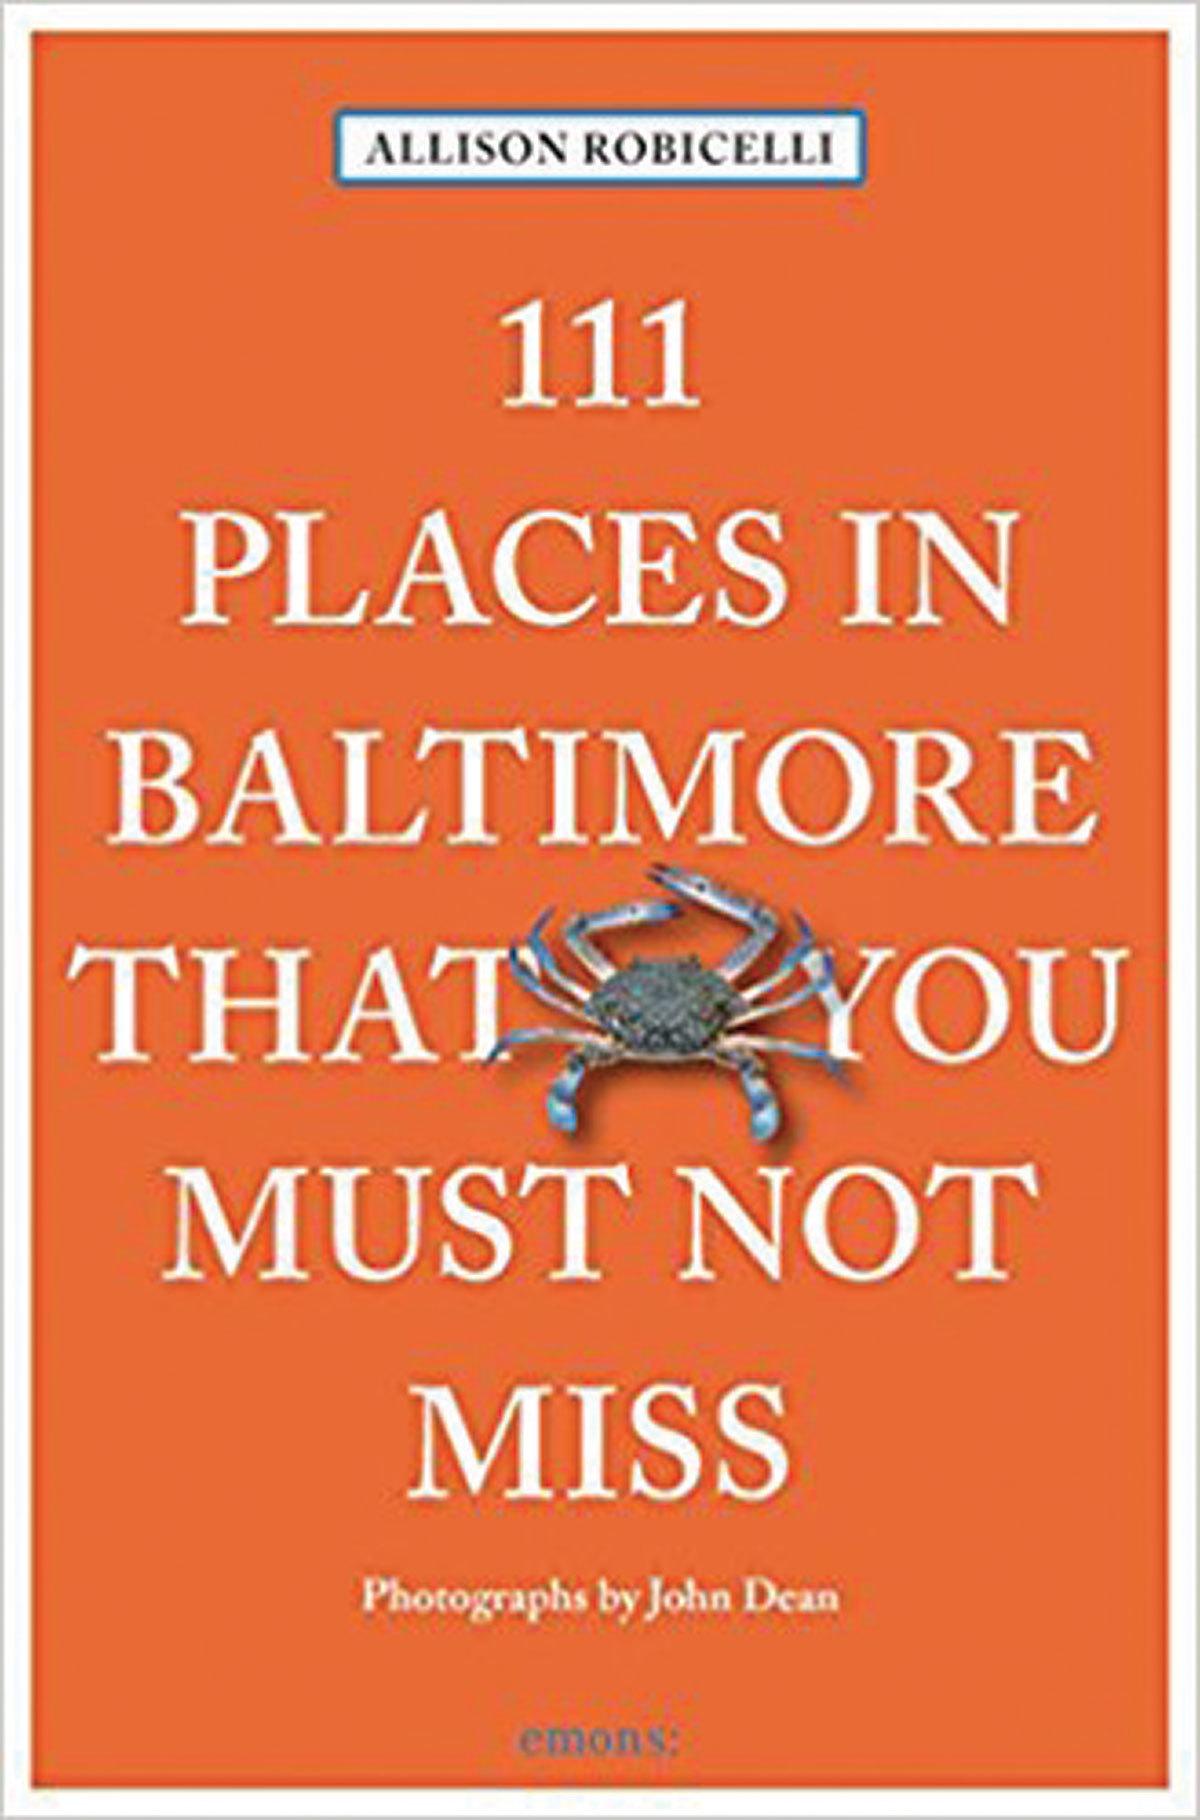 Baltimore.jpg#asset:55581